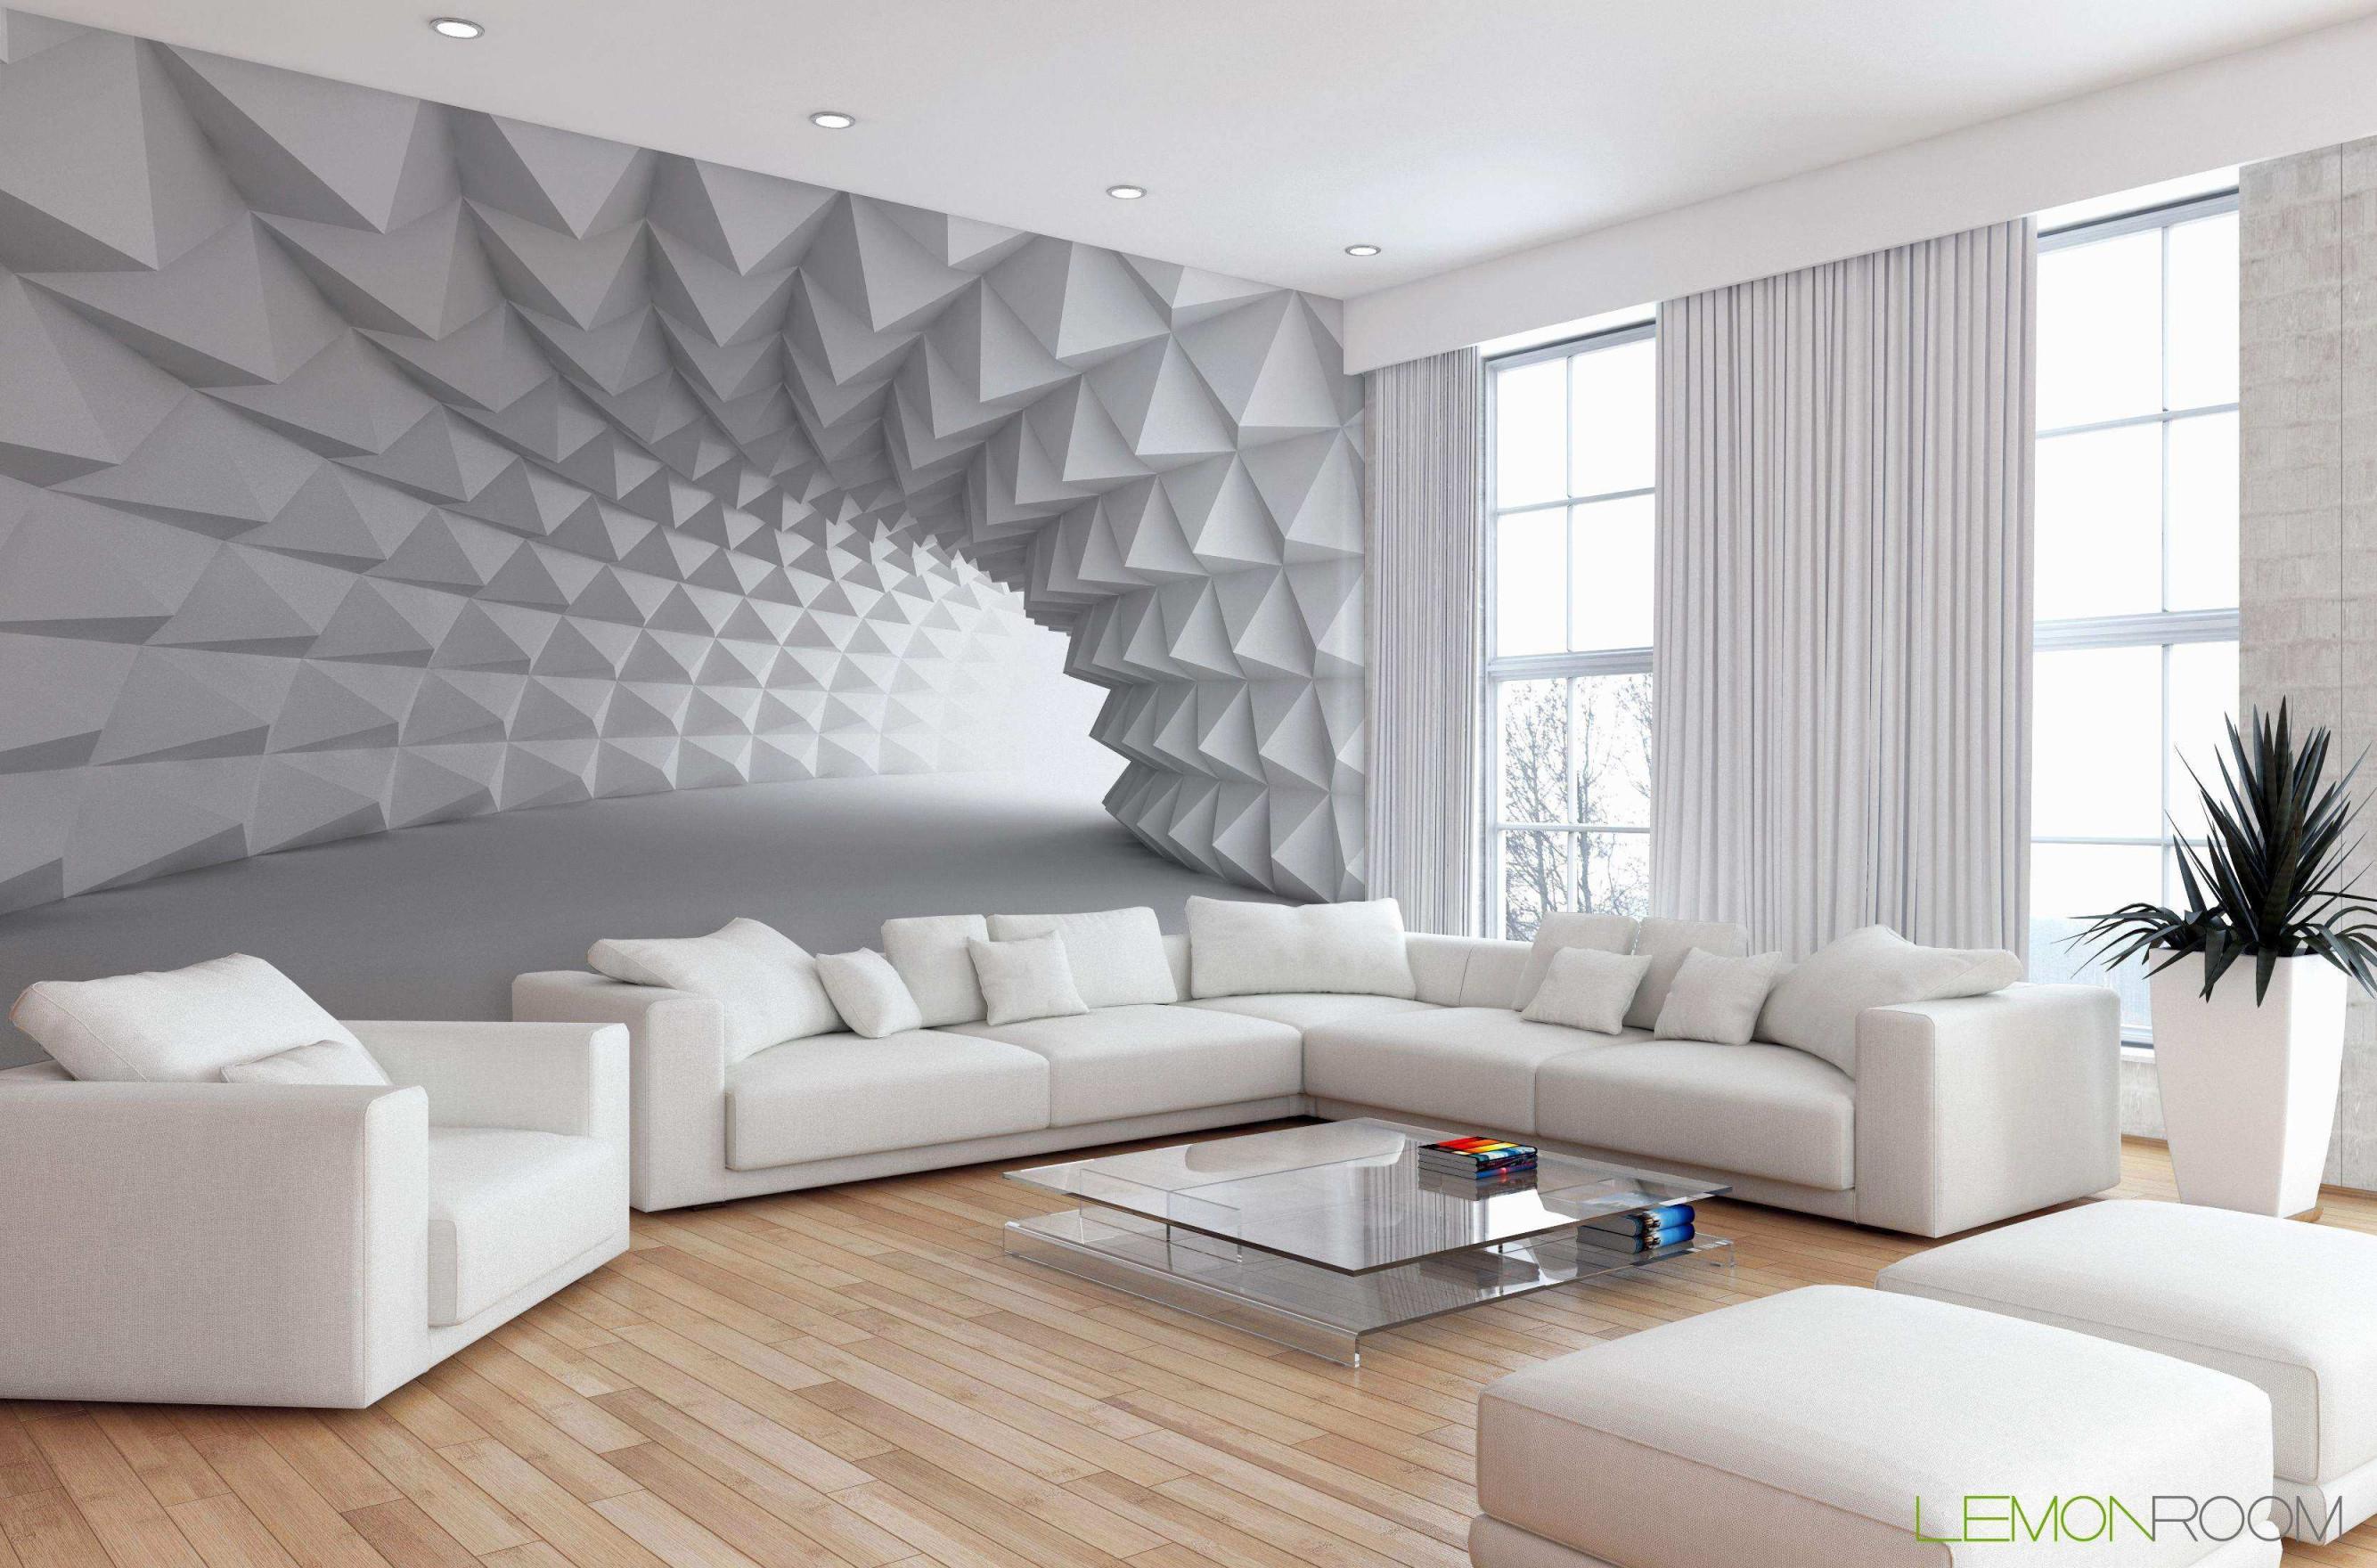 Tapeten Auf Rechnung Inspirierend Elegant Tapeten von Tapeten Kombinationen Wohnzimmer Photo